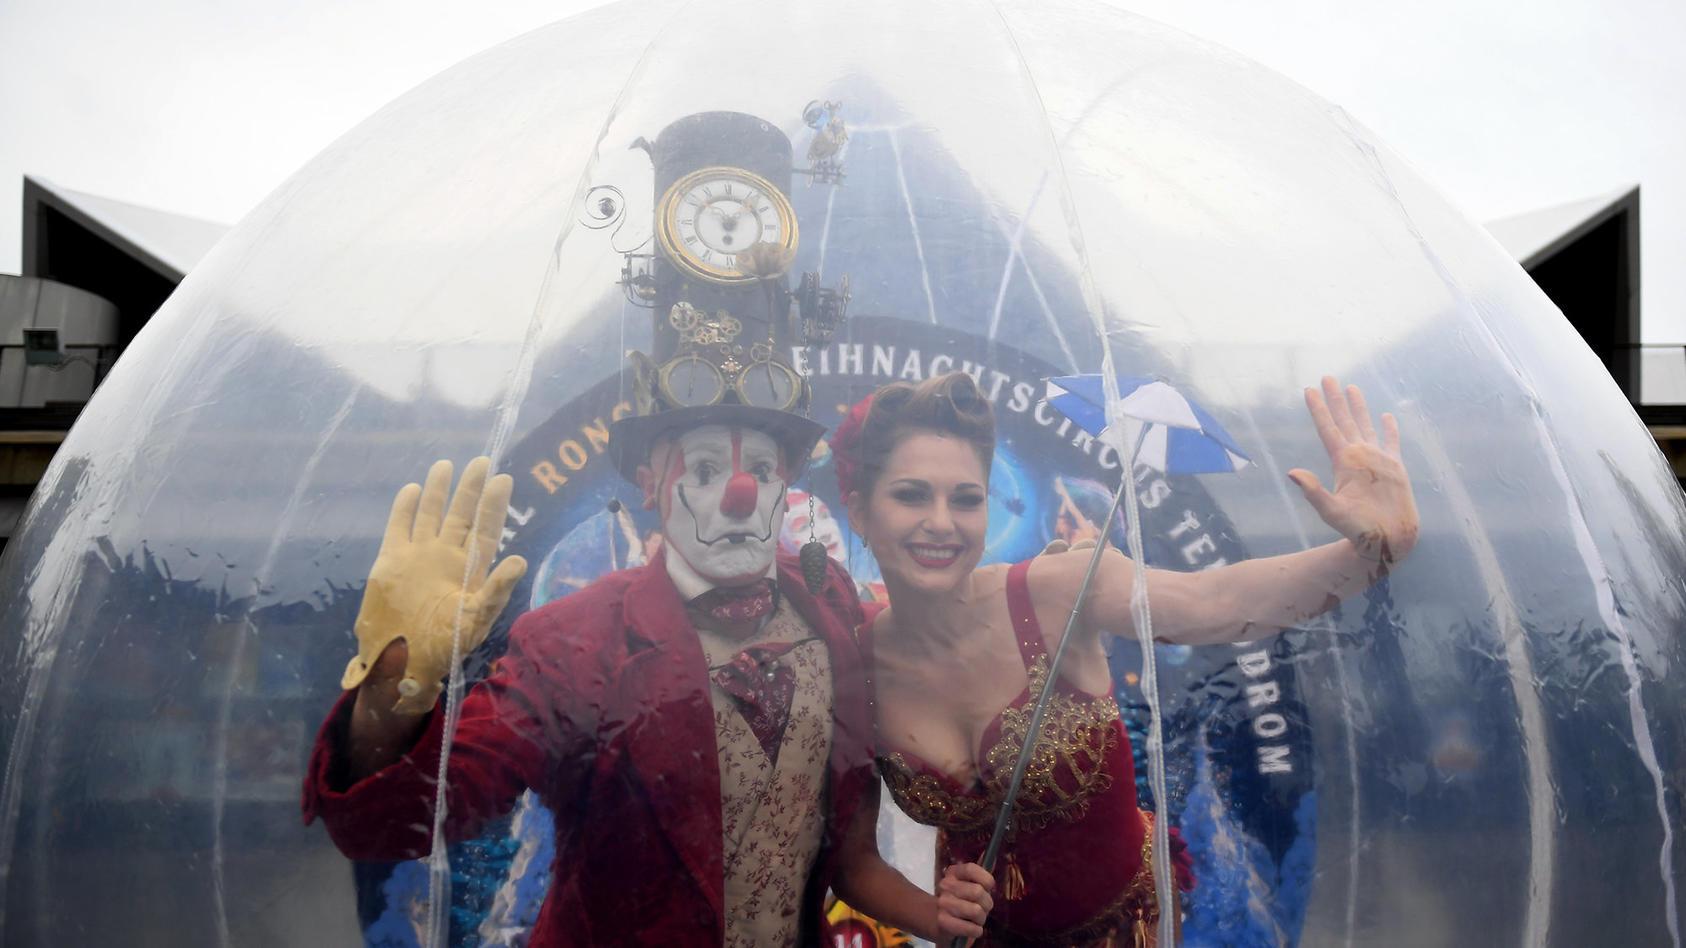 Mehr Akrobaten - keine Tiere: Das ist das Konzept des Zirkus Roncalli ab 2018.